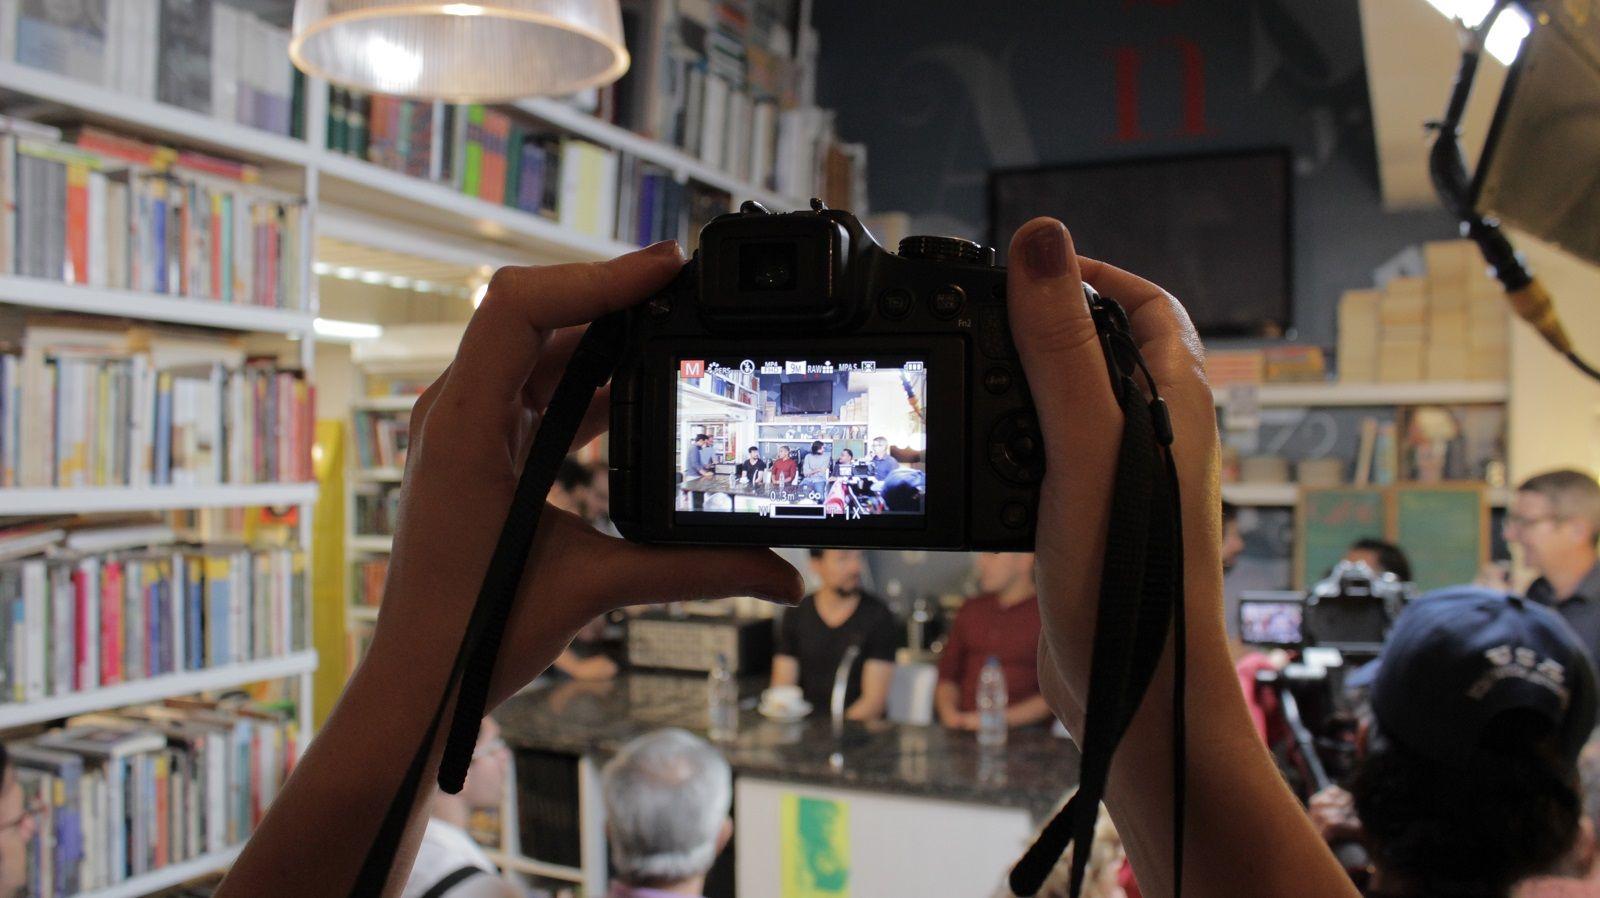 Foto: Anais Frobert, Escuela Nacional de Cine